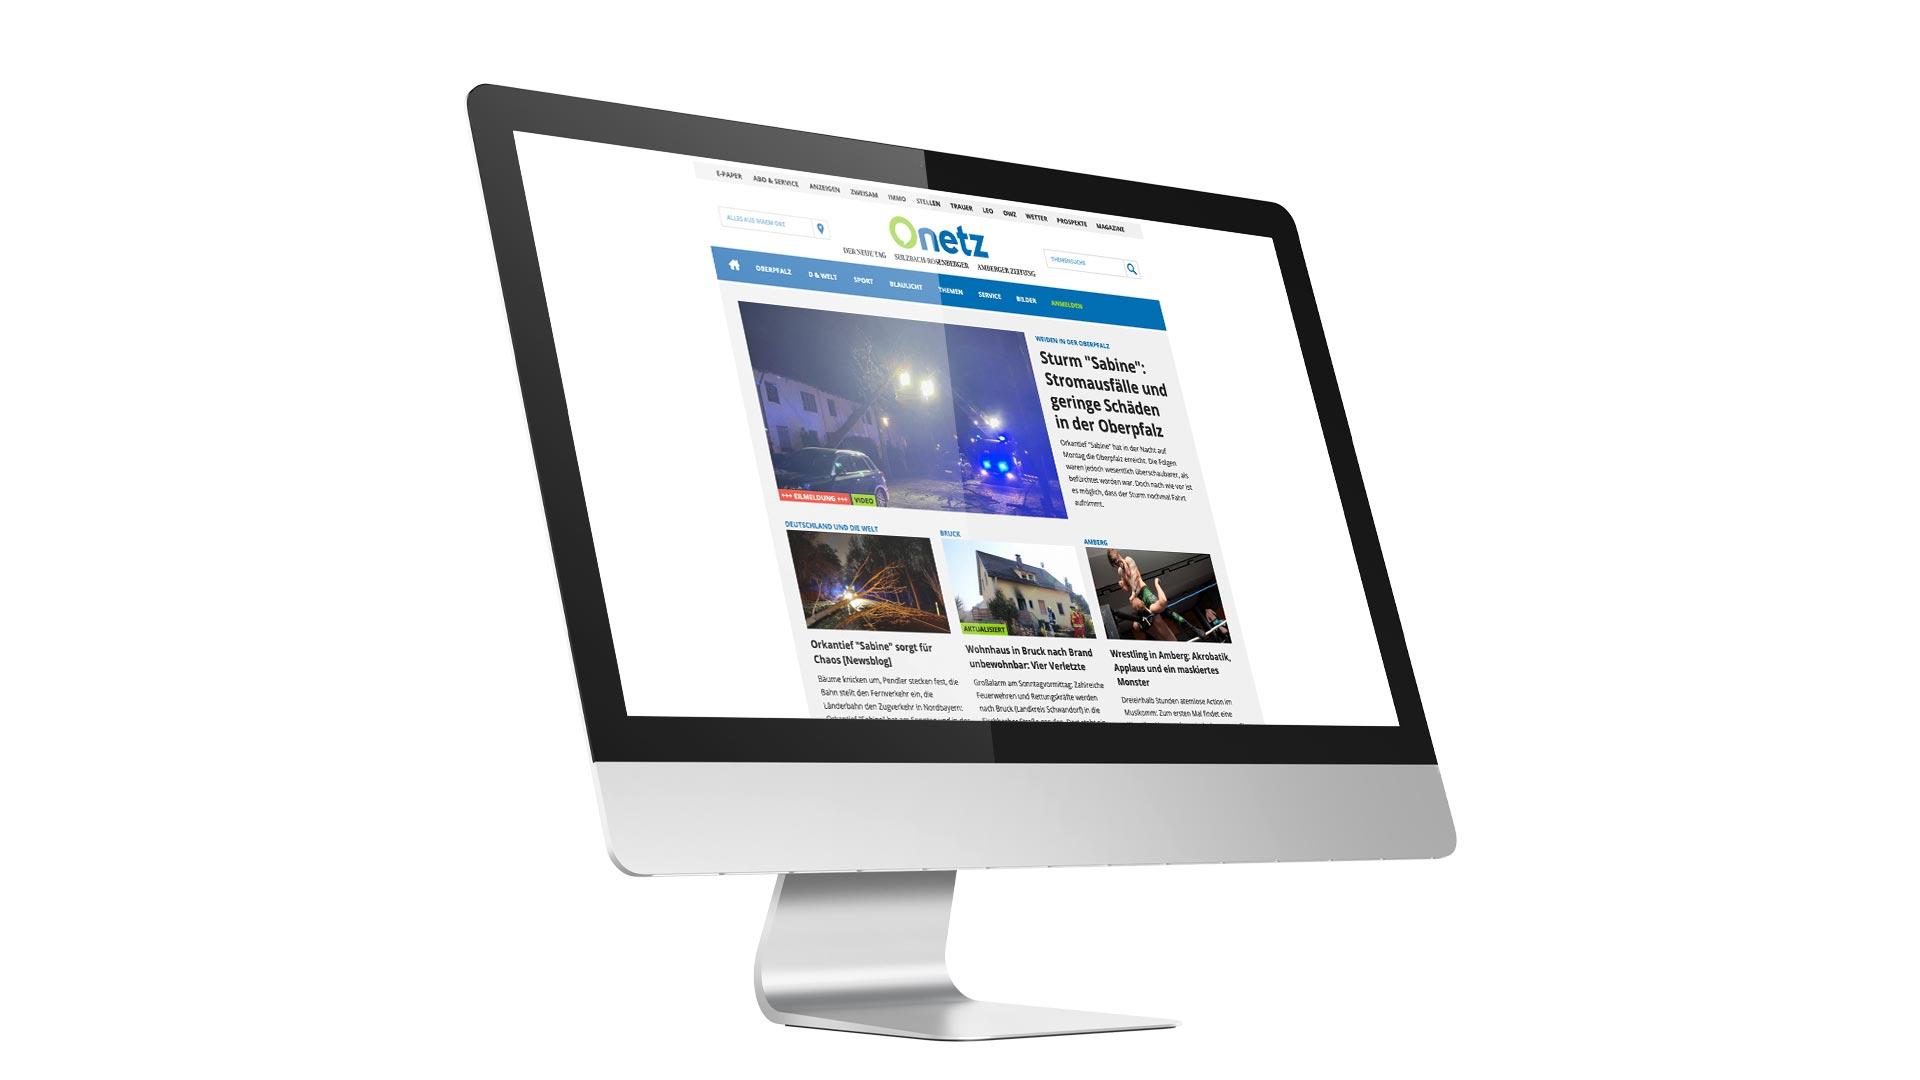 Ansicht eines Monitors, auf dem das Onlineportal Onetz von Oberpfalz Medien zu sehen ist.